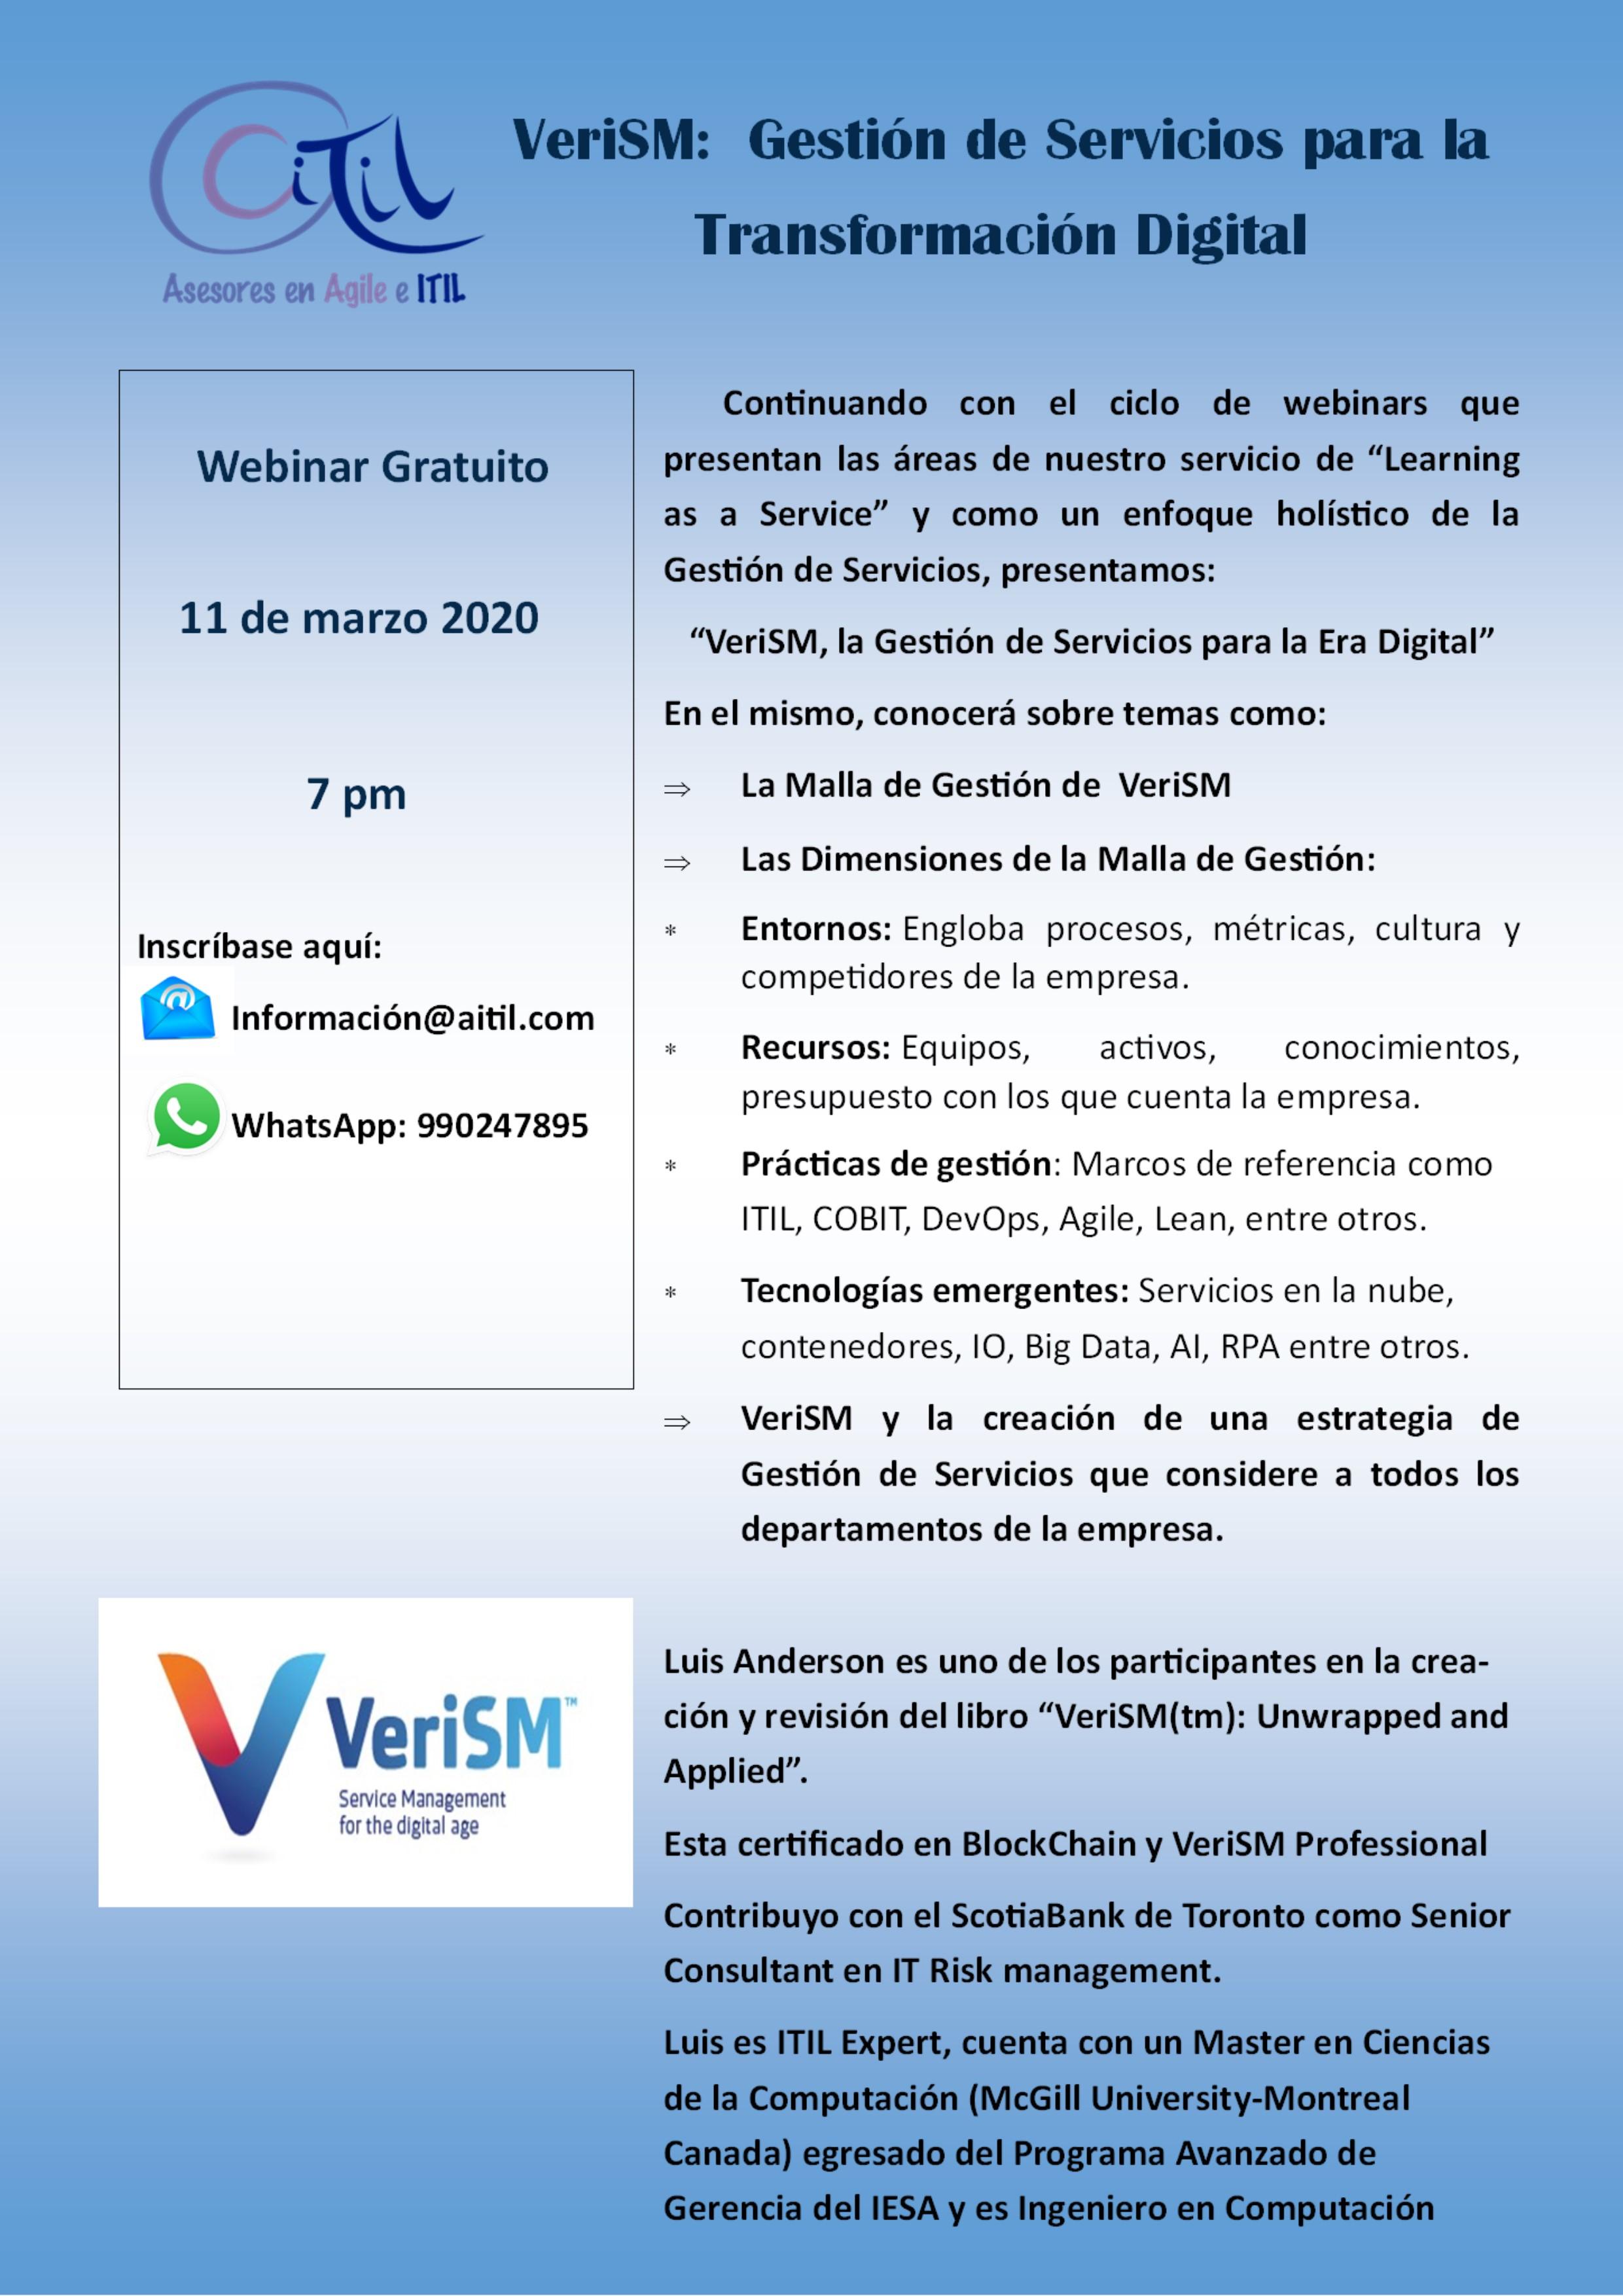 Webinar Gratuito 11 de Marzo 7 PM VeriSM Gestion de Servicios para la Transformacion Digital LaaS